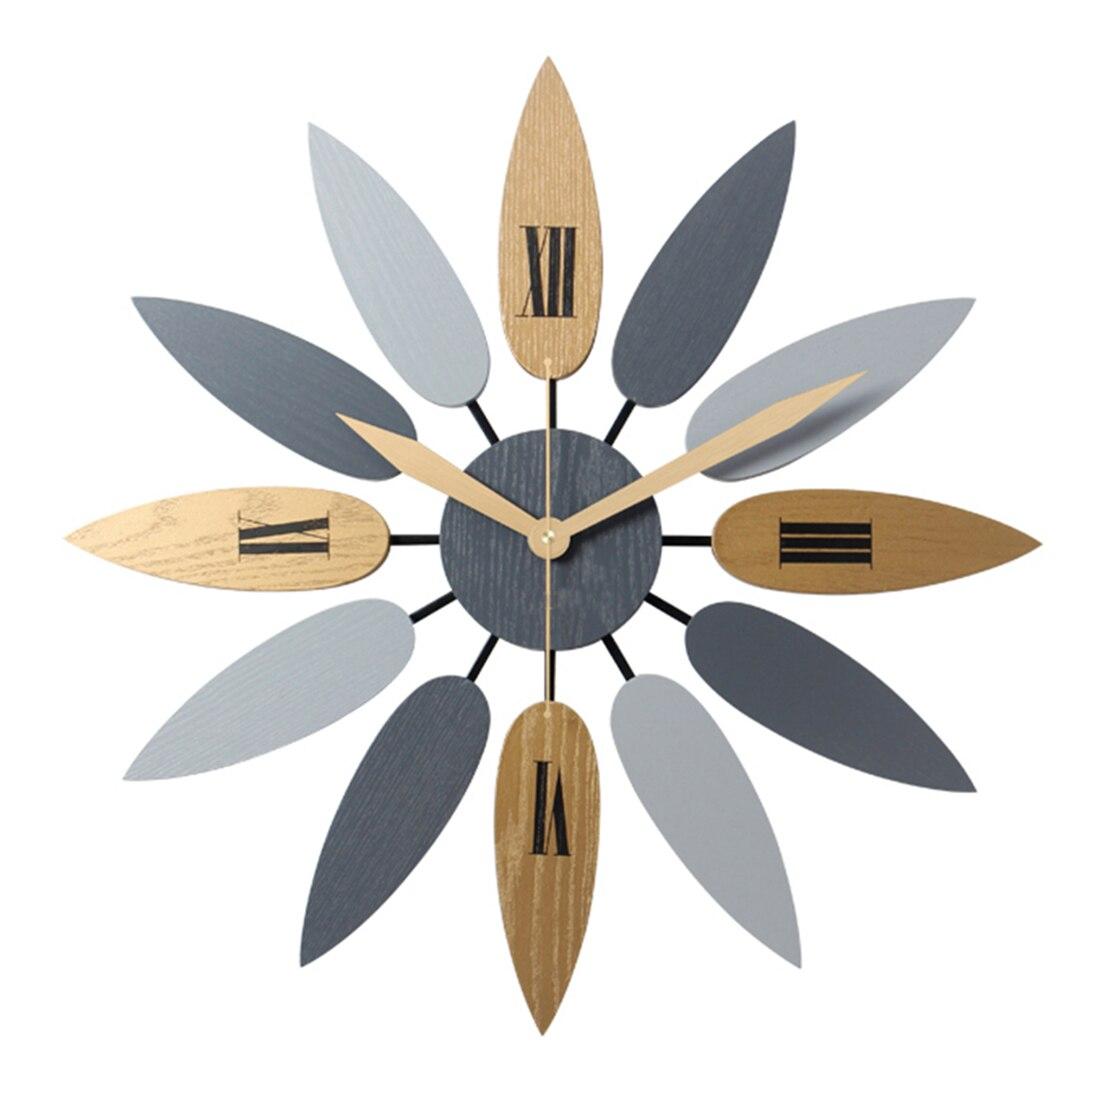 Высокое качество уникальный Nordic Стиль листьев Pattern Mute кварцевые настенные часы Ретро беззвучные часы краткое для Офис Декор в гостиную